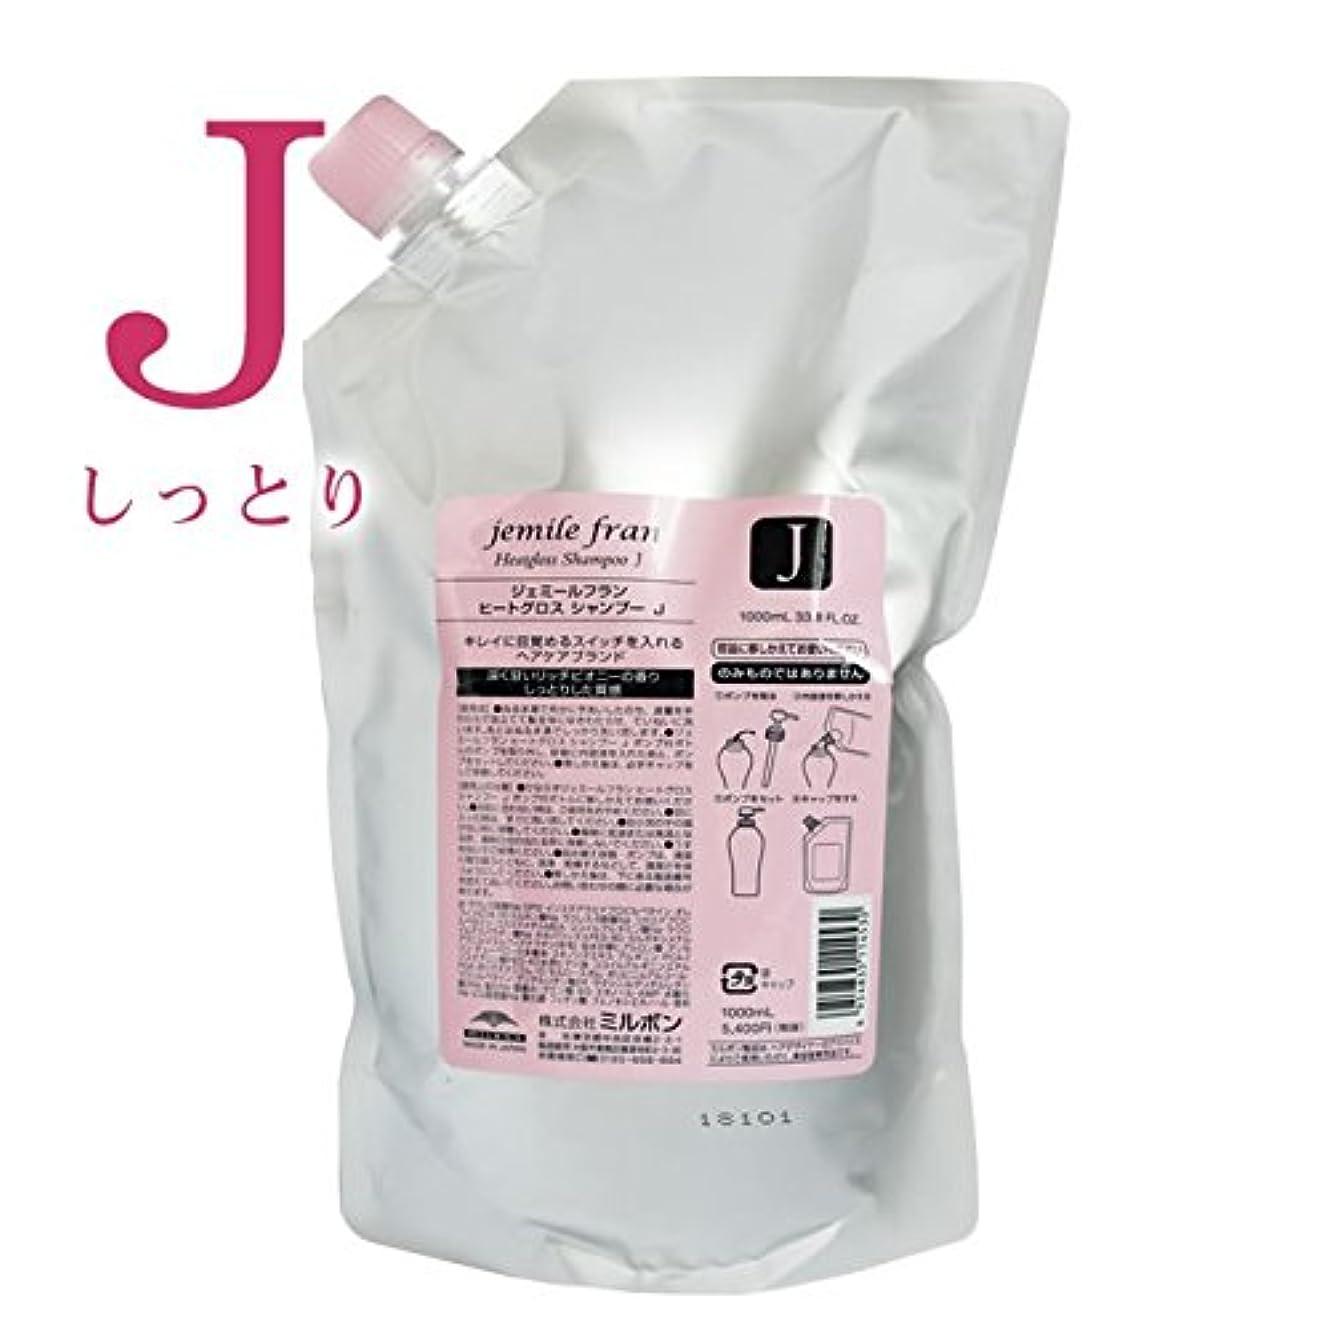 むさぼり食うもう一度セブンミルボン|ジェミールフラン ヒートグロス シャンプーJ 1000ml (詰替用)